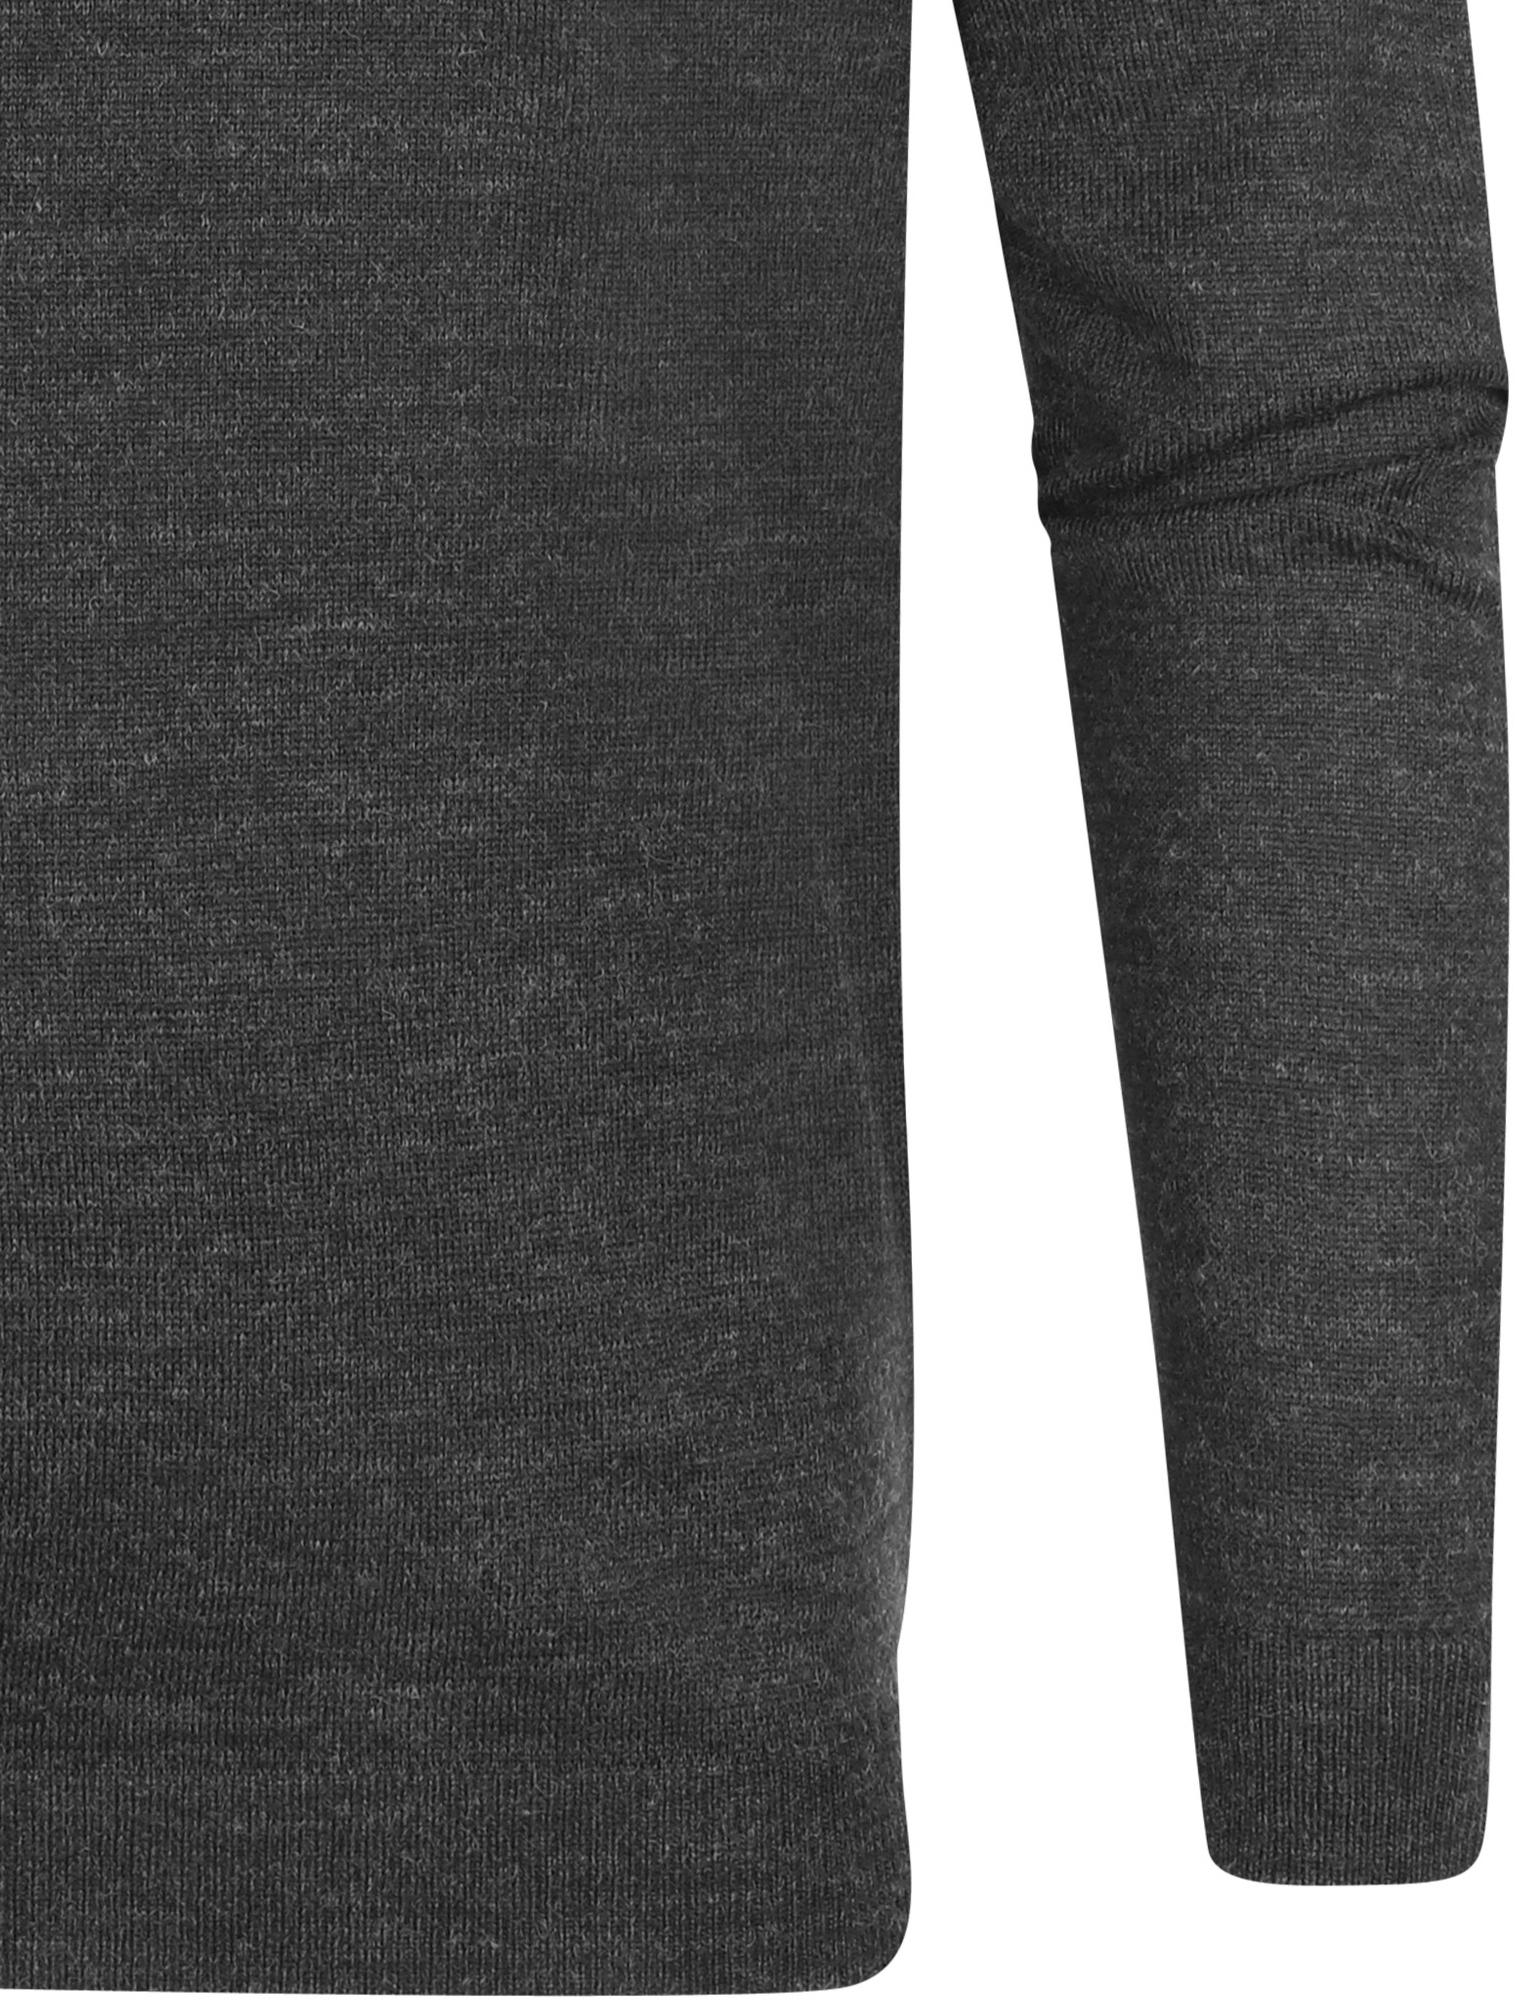 Kensington-Eastside-Men-039-s-Wool-Blend-Knitted-Crew-or-V-Neck-Jumper-Sweater-Top thumbnail 33